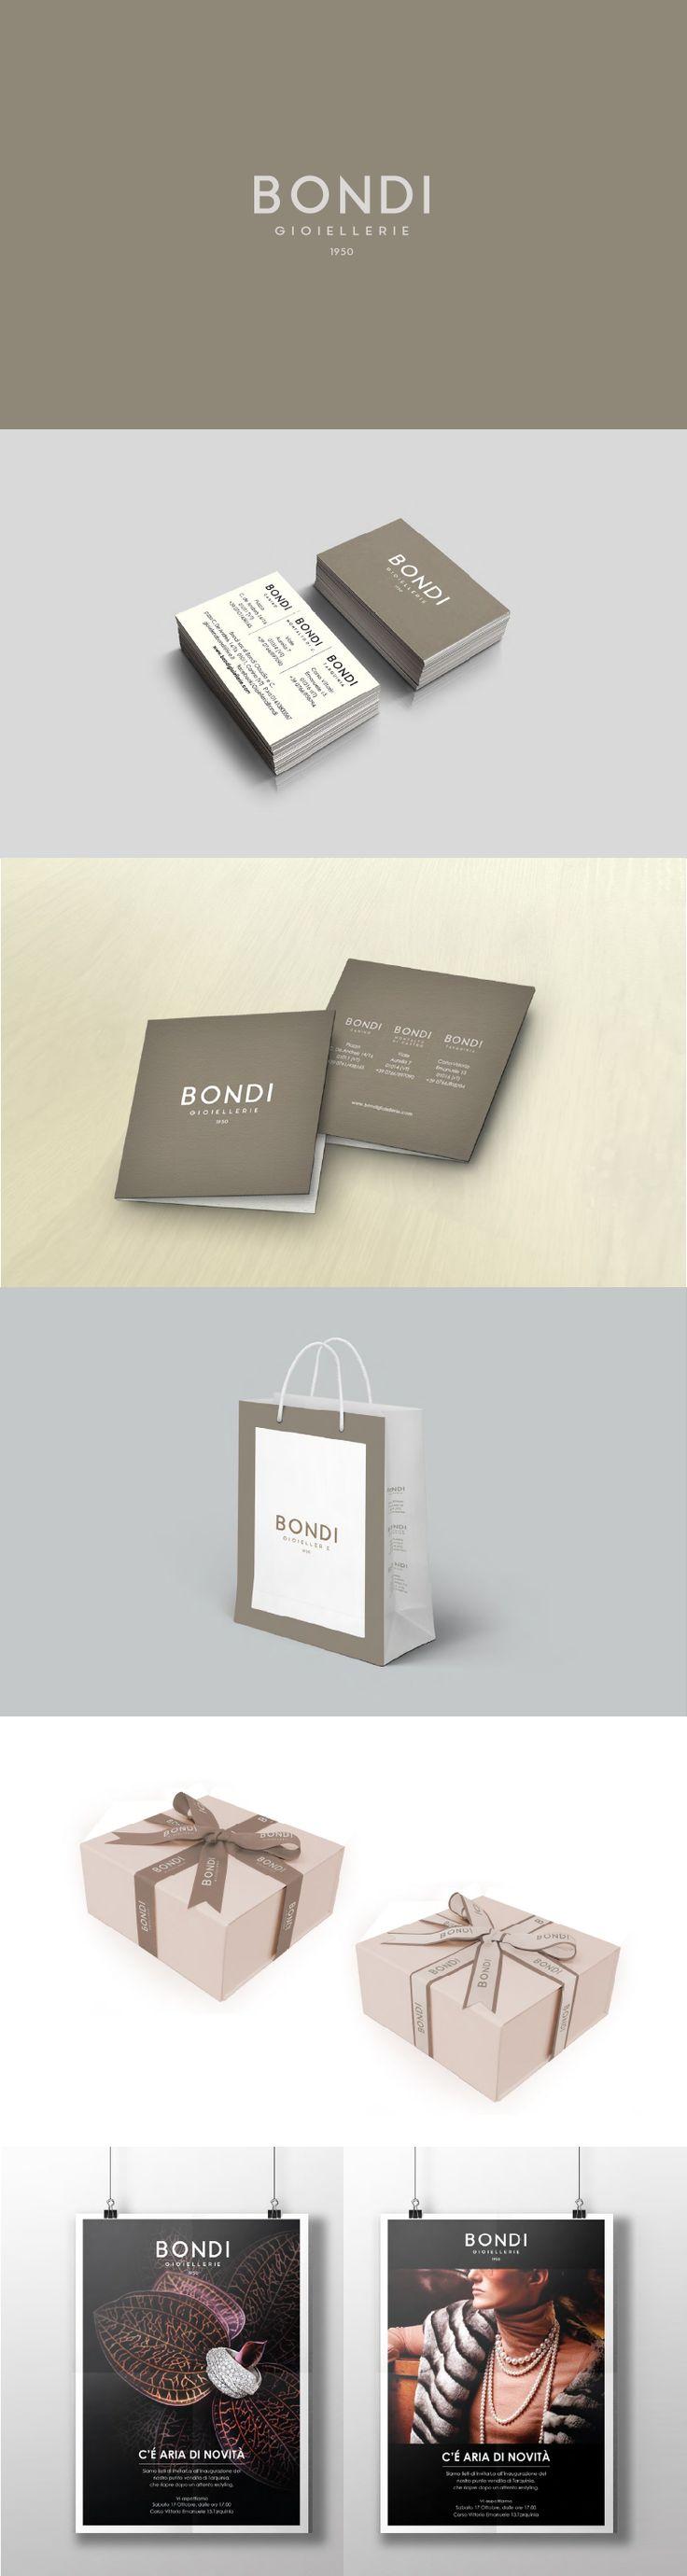 Gioielleria Bondi, Brand Design ─ Giulio Patrizi Design Agency ©    #brand #identity #corporate #jewellery #packaging